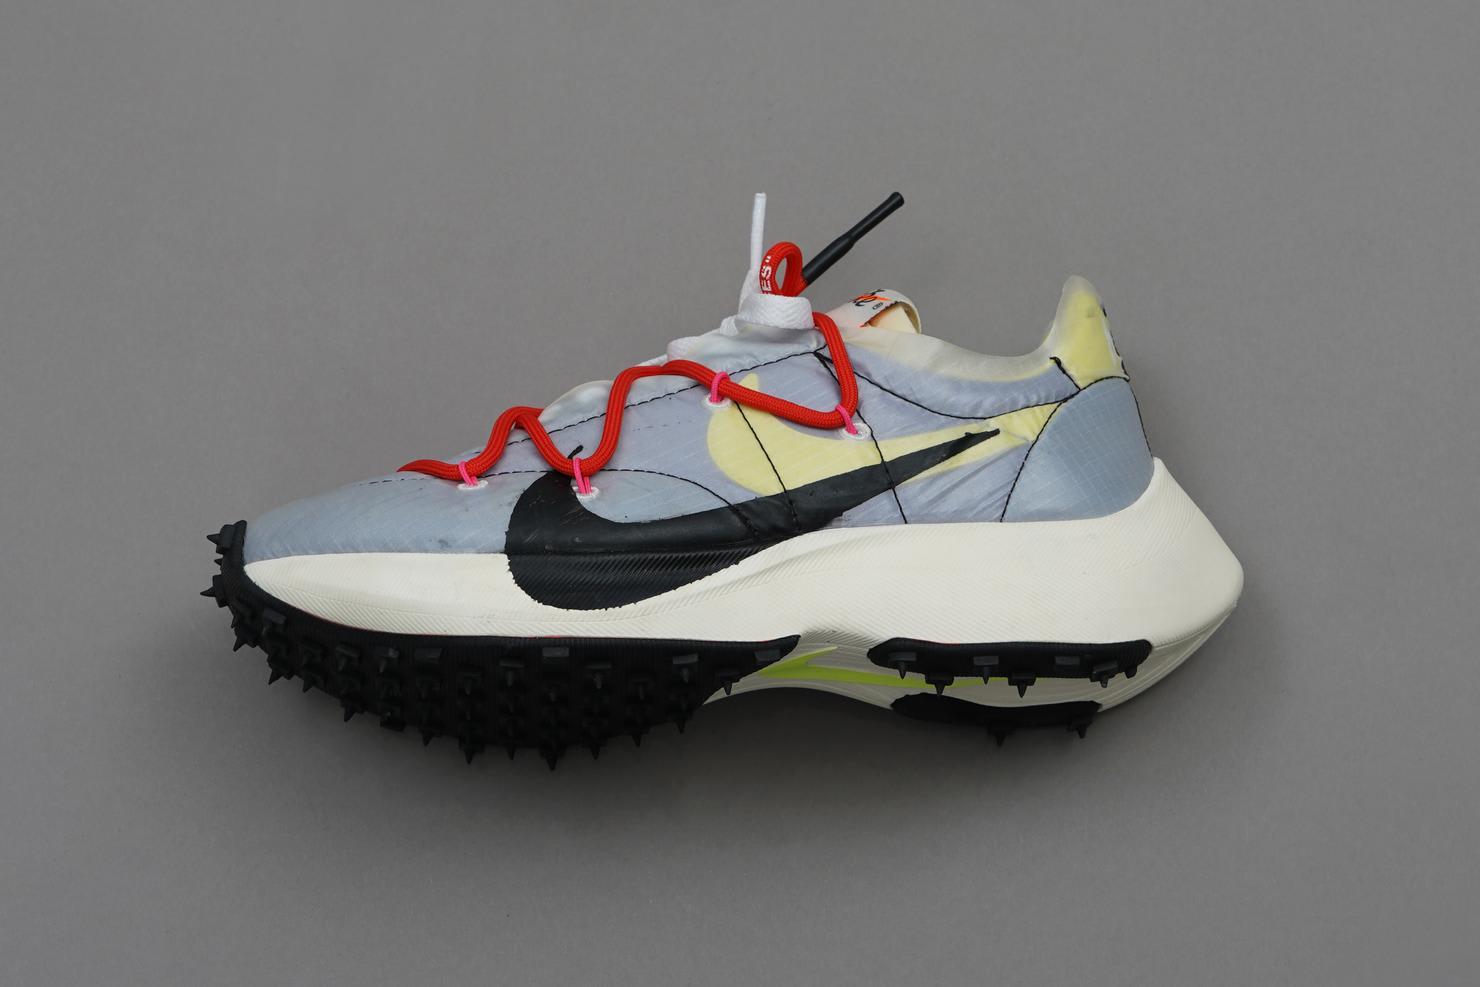 Off-White x Nike Vapor Street Prototype